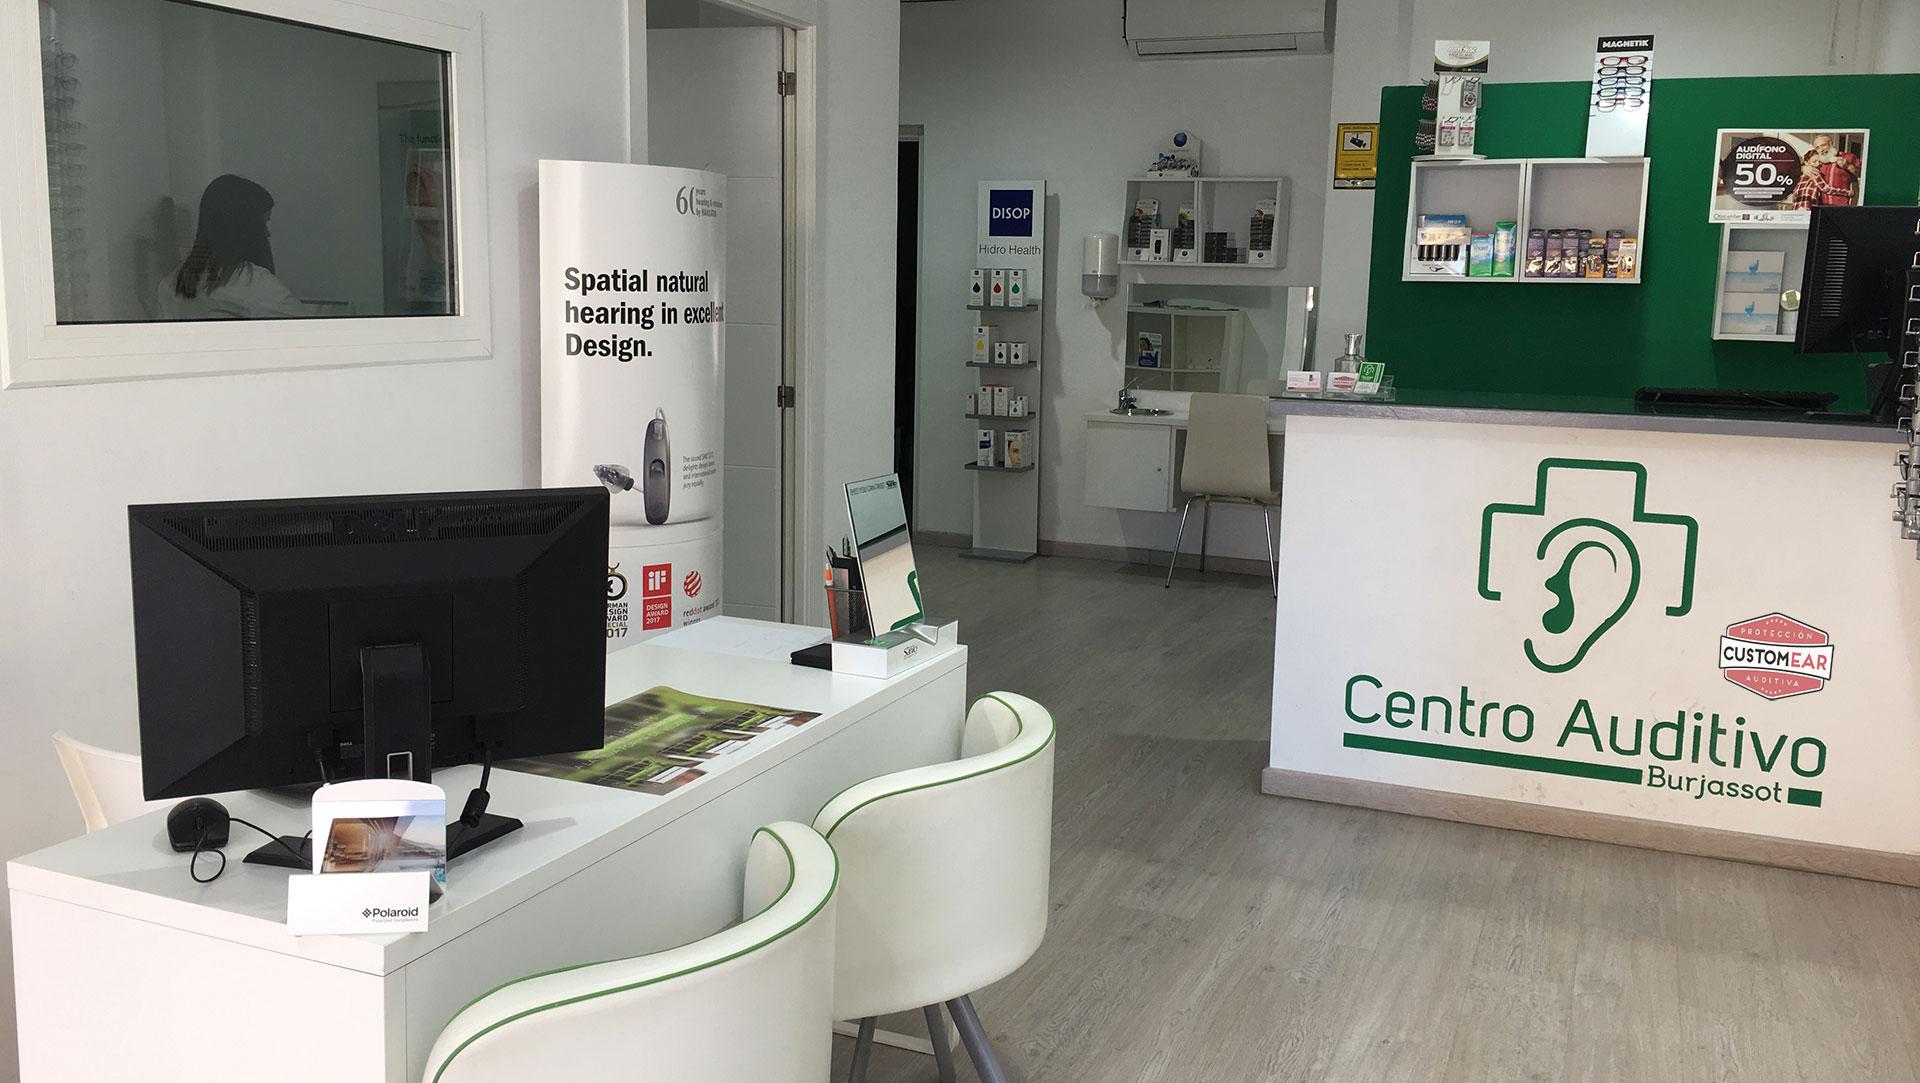 Tienda-CustomEar-Burjassot